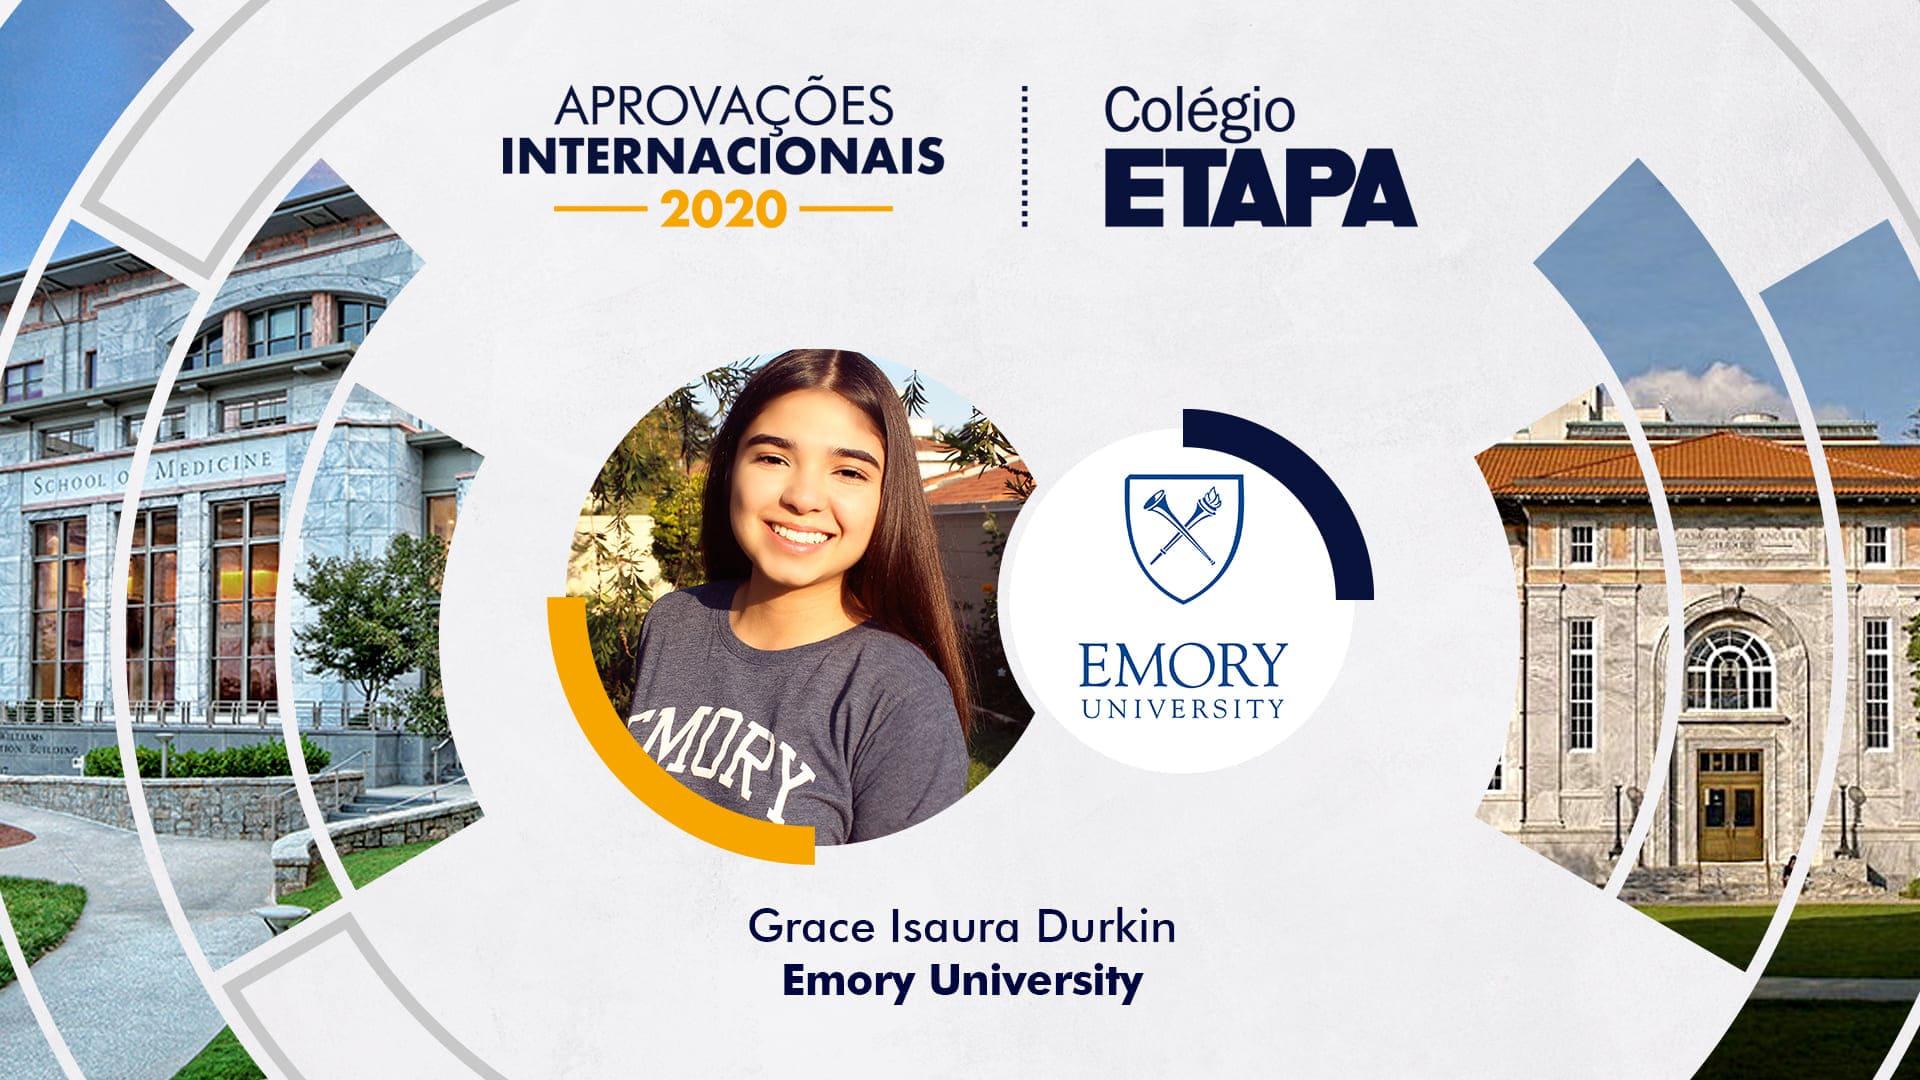 Grace Isaura Durkin iniciou os estudos no Etapa, motivada pela tradição do Colégio em aprovar alunos no exterior.